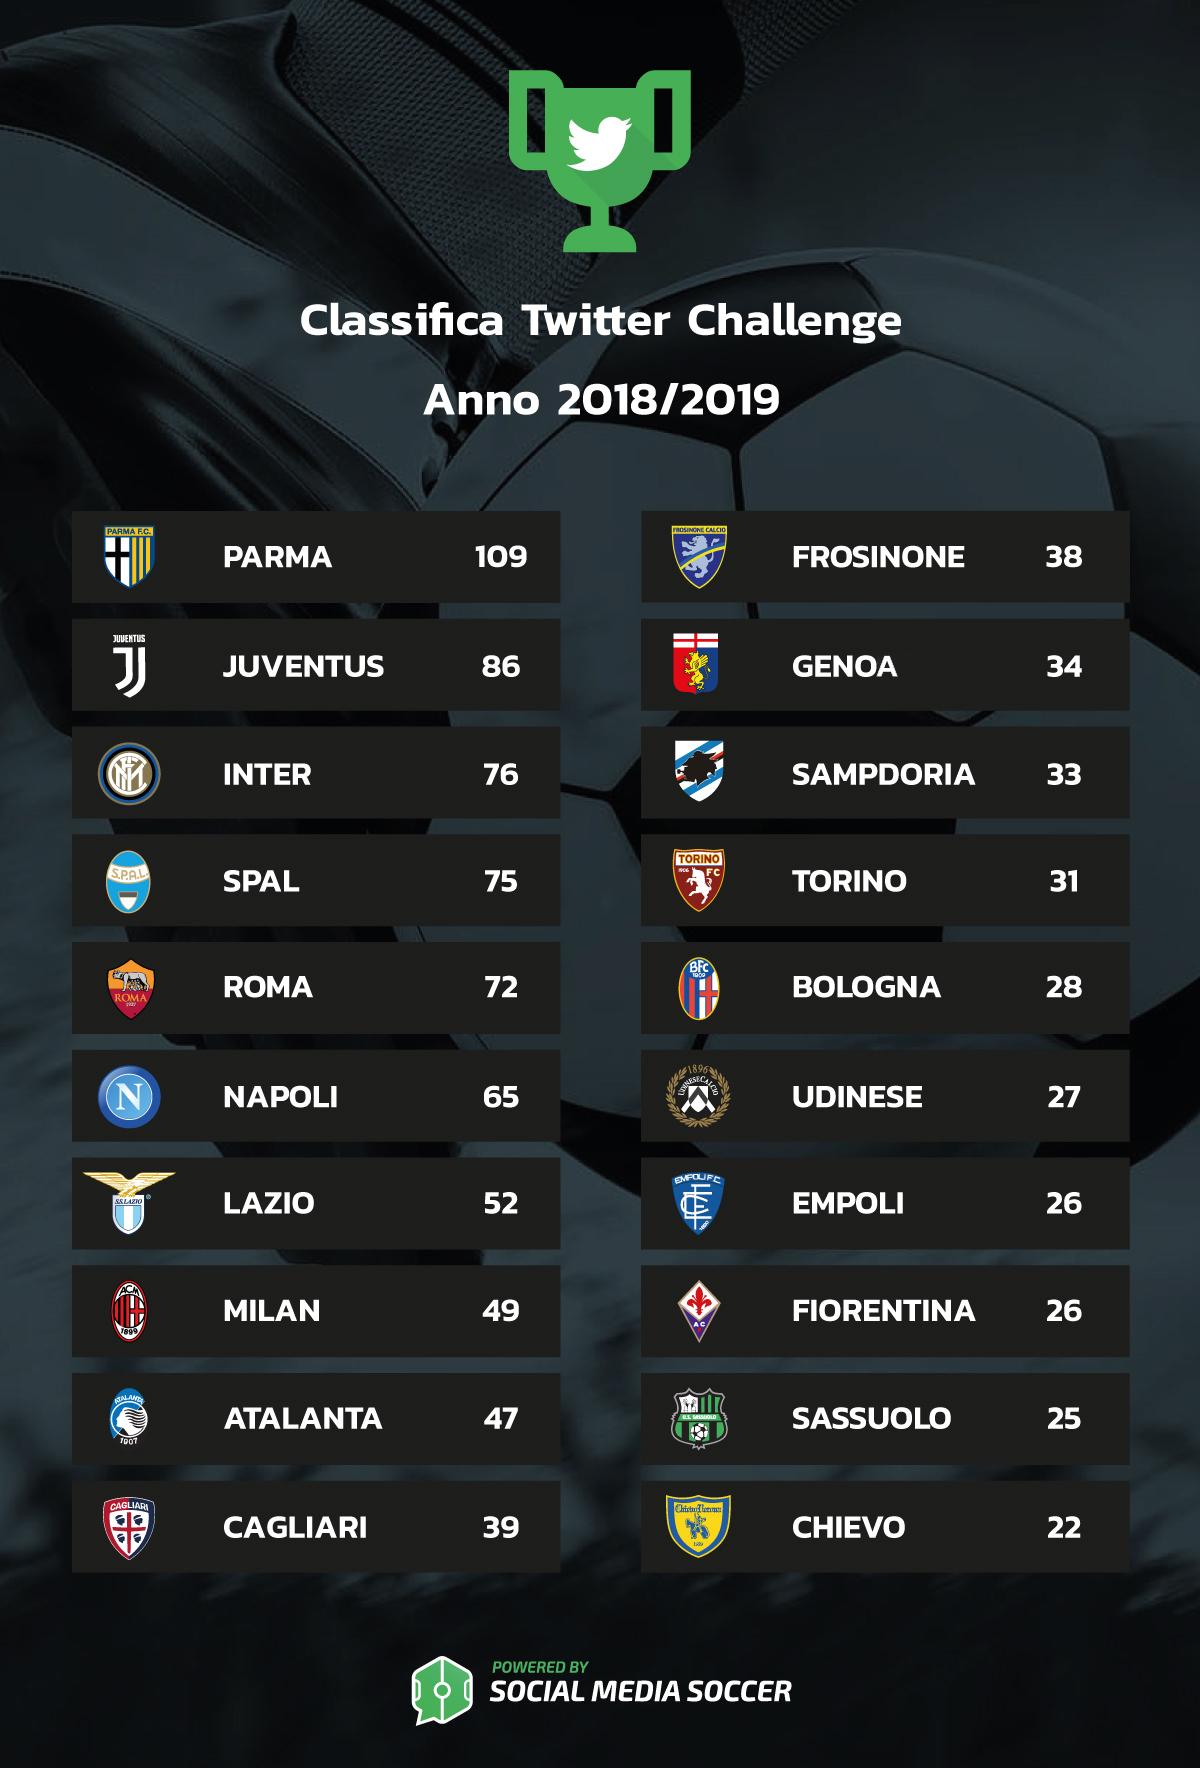 Classifica Twitter Challenge 2018/2019